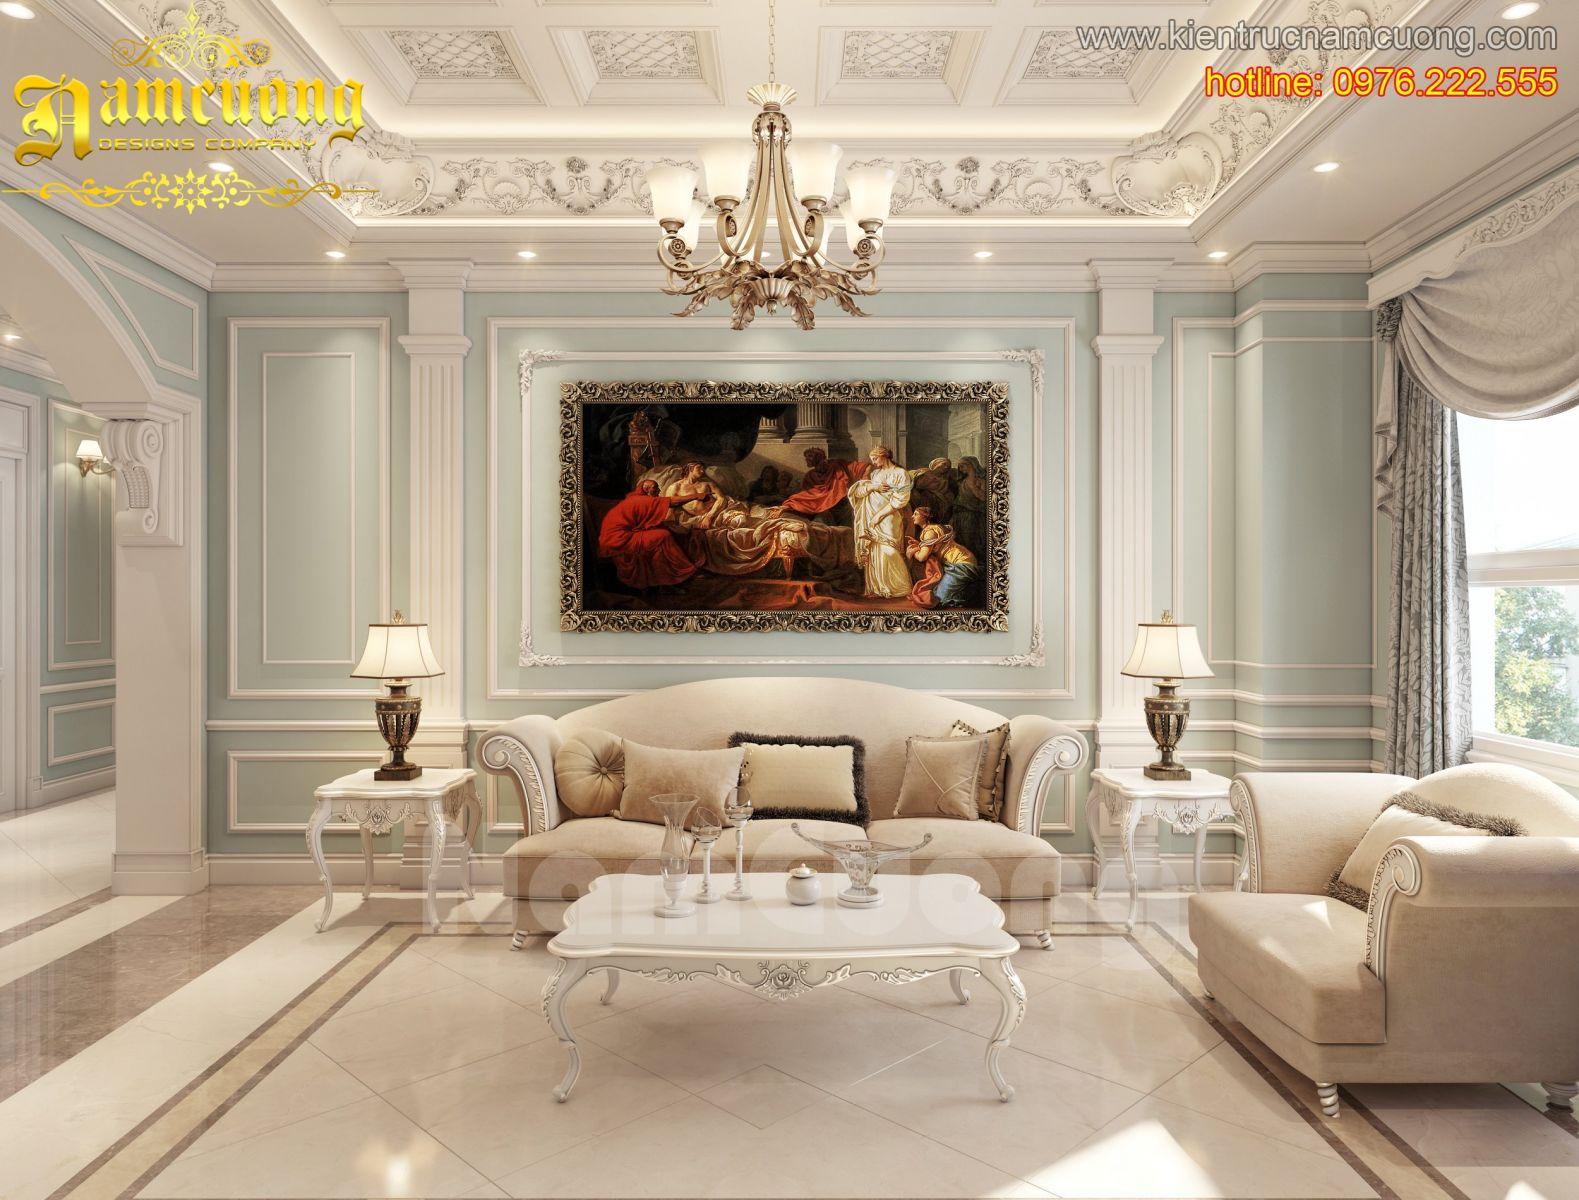 Thiết kế căn hộ chung cư tân cổ điển tại Sài Gòn - CHCC 001